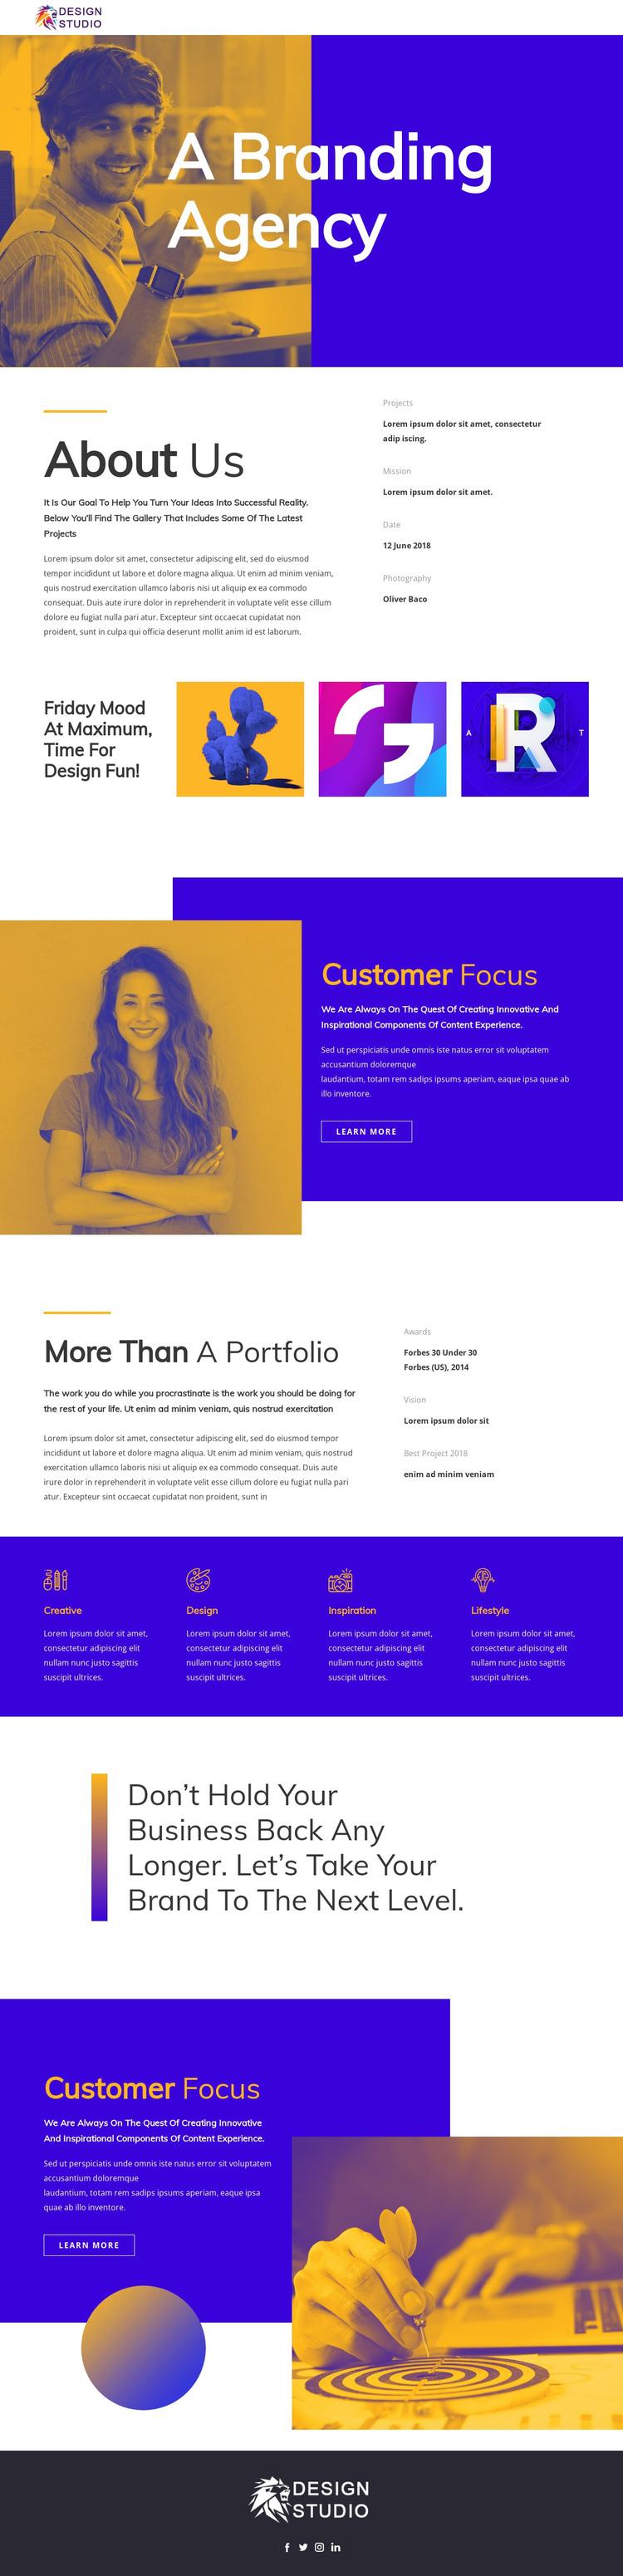 Branding agency for startup Web Design